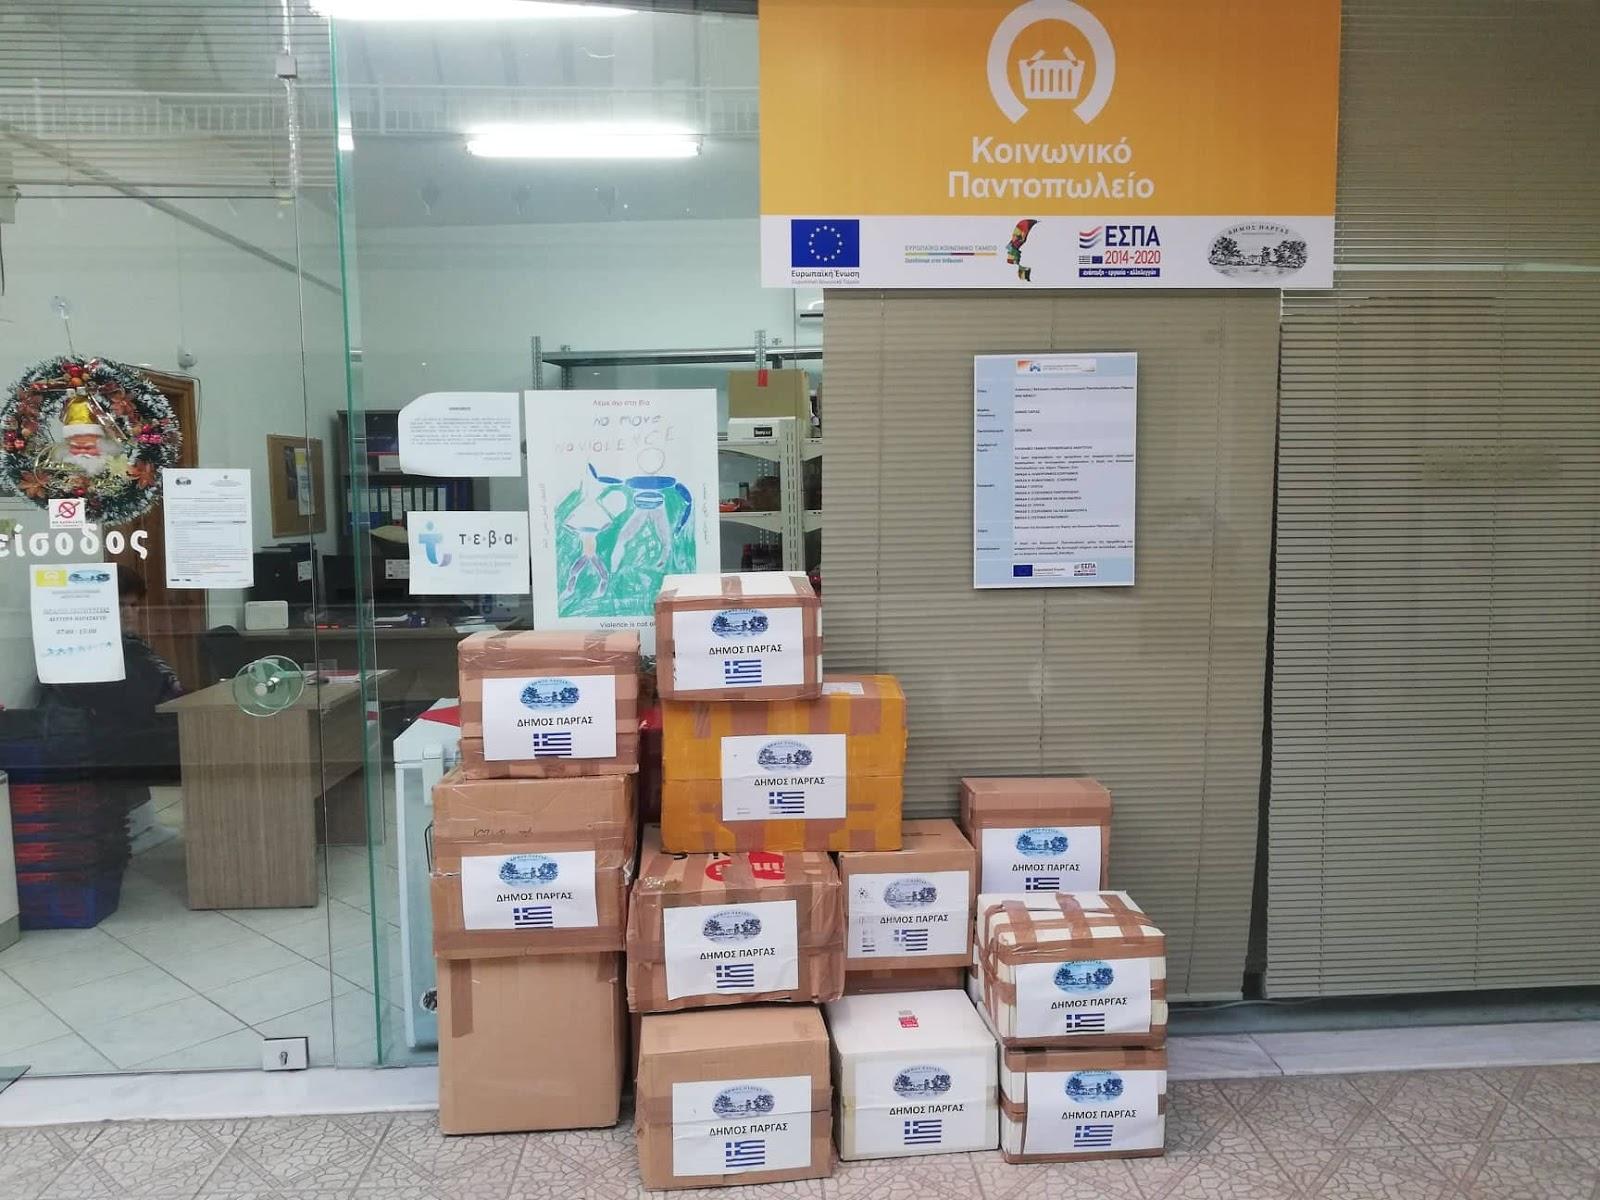 Αποστολή βοήθειας στην Αλβανία  από τον Δήμο Πάργας